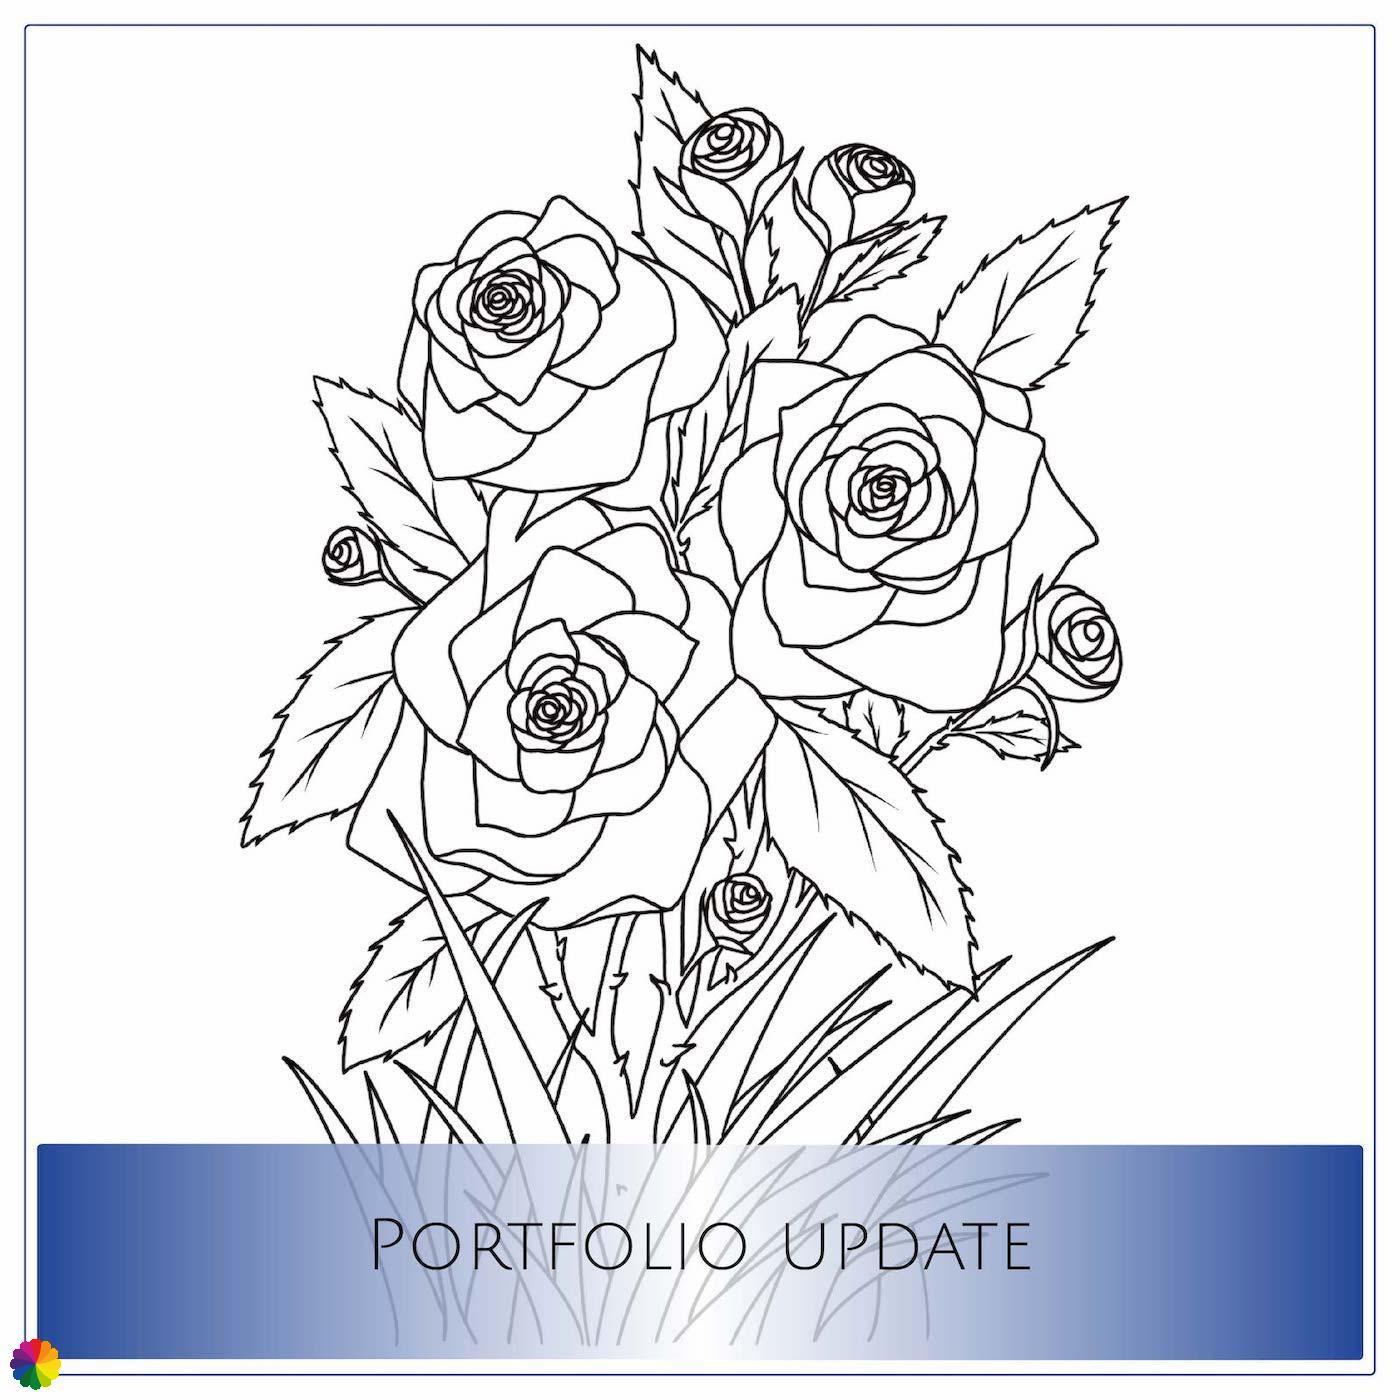 Portfolio-update rozen tattoo-ontwerp